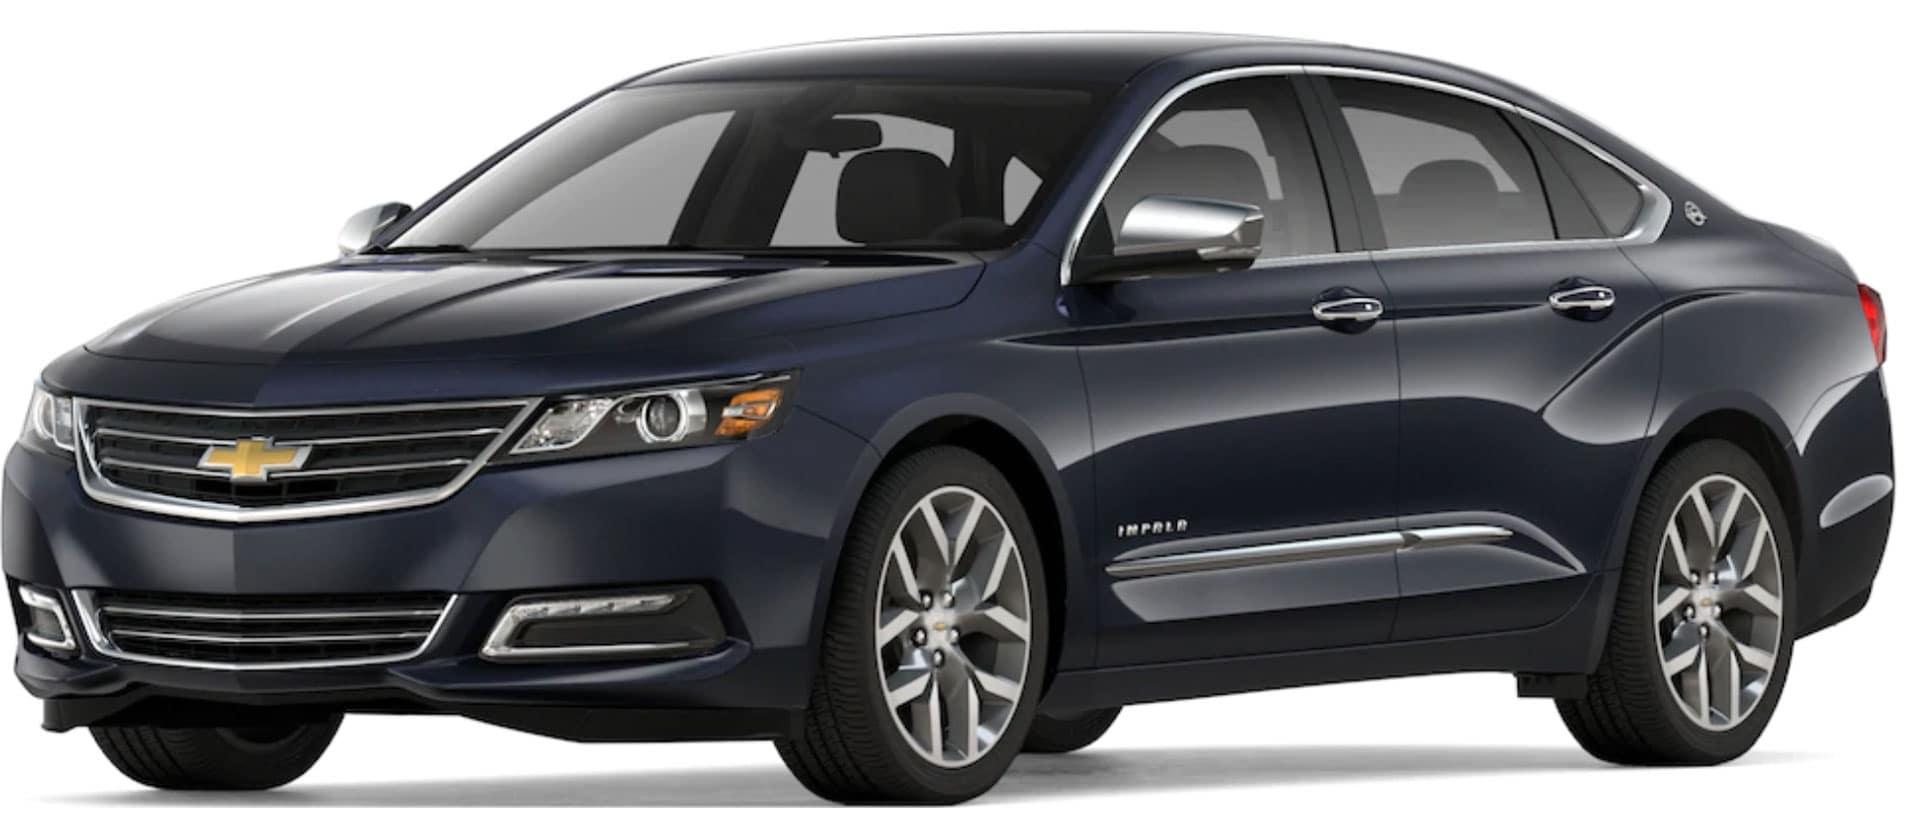 2018 Chevy Impala Premier: Best Standard Features